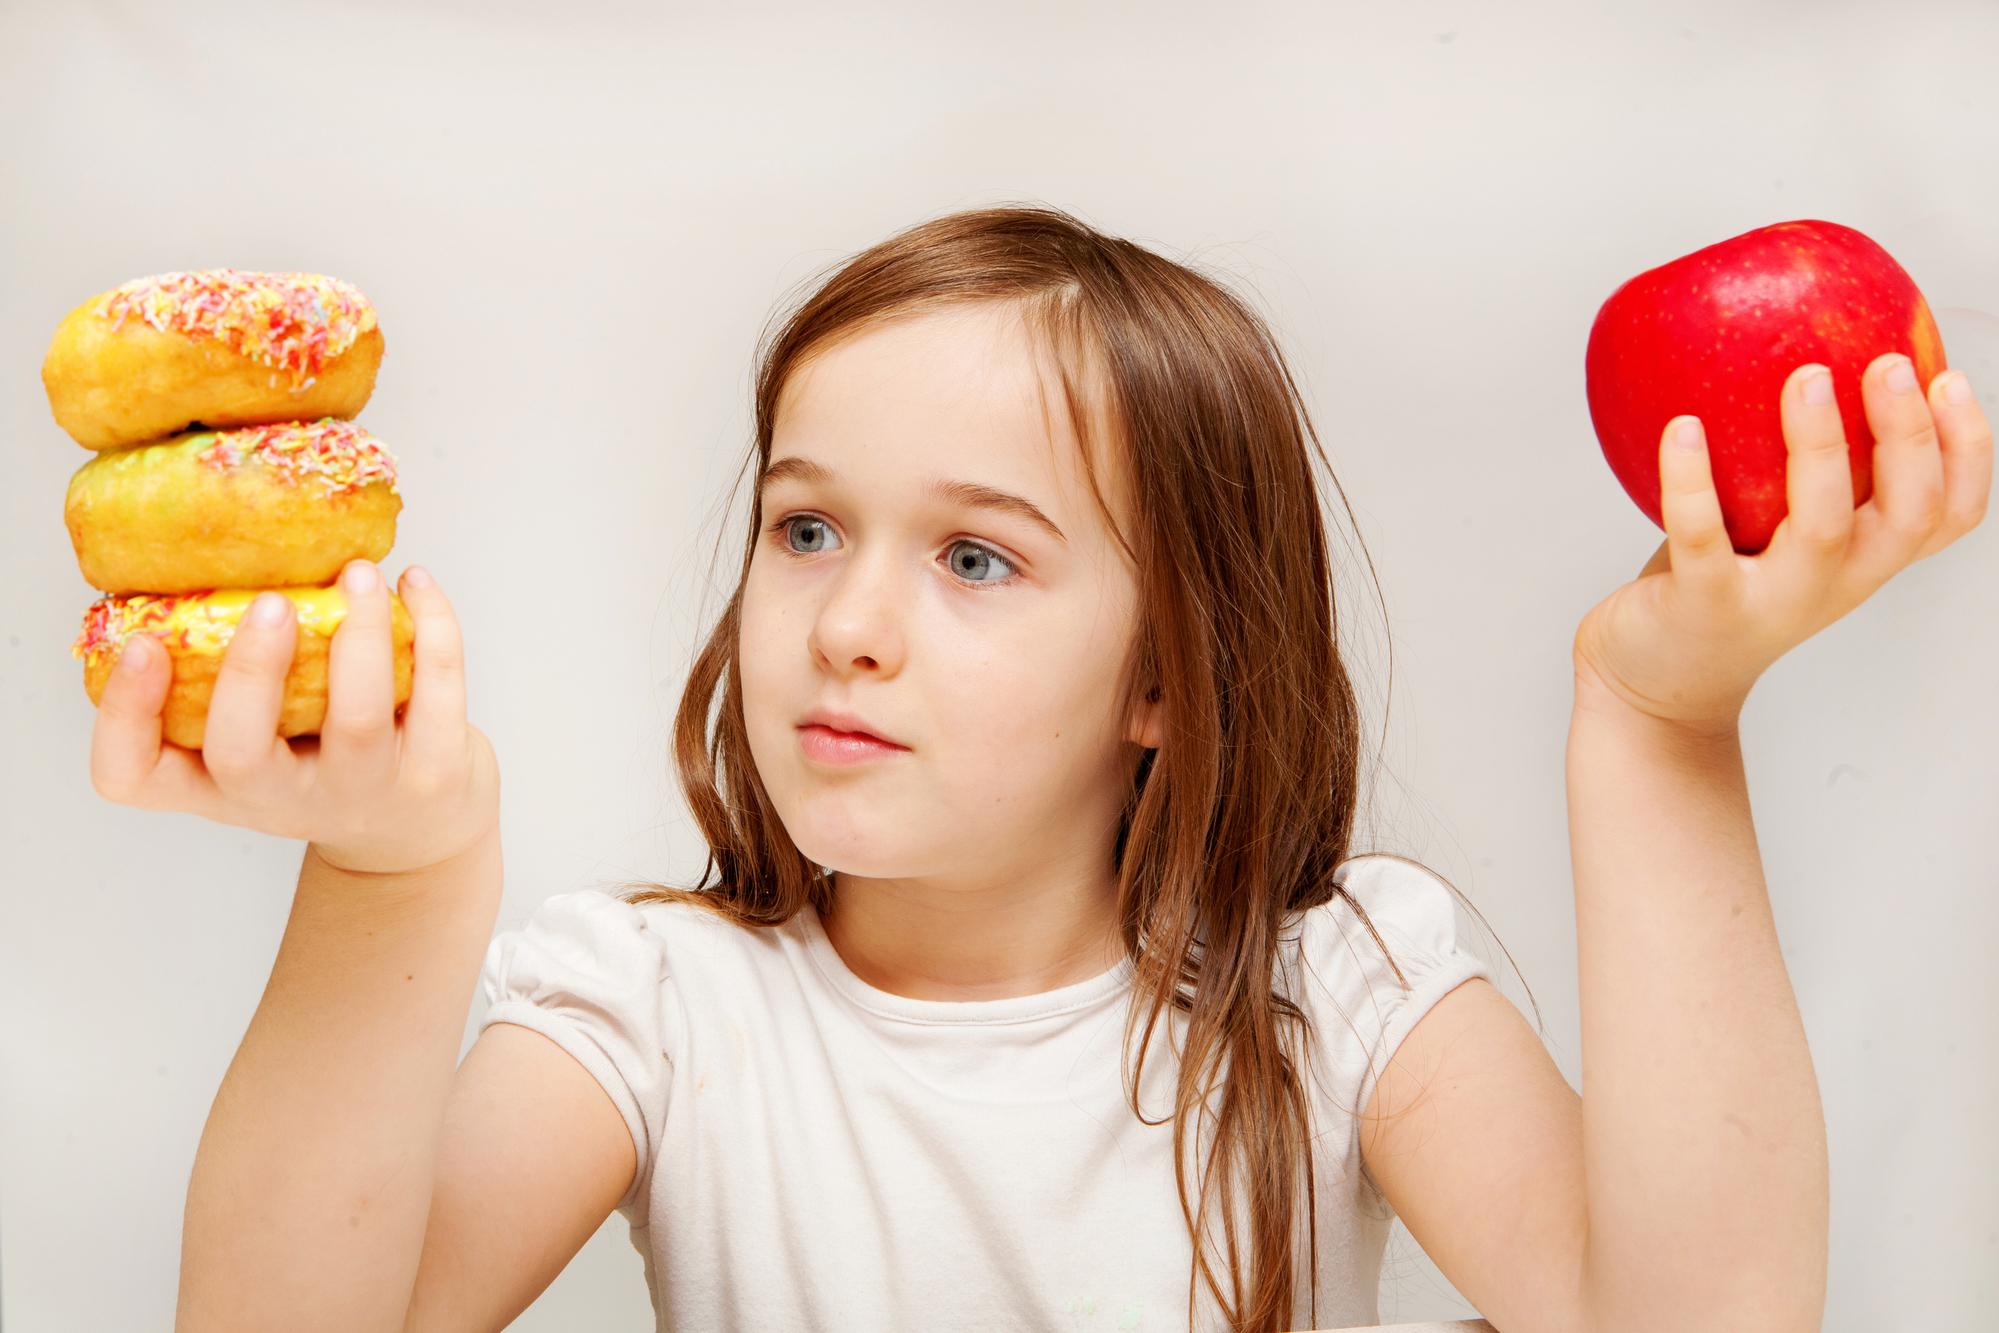 Детское ожирение: что следует знать